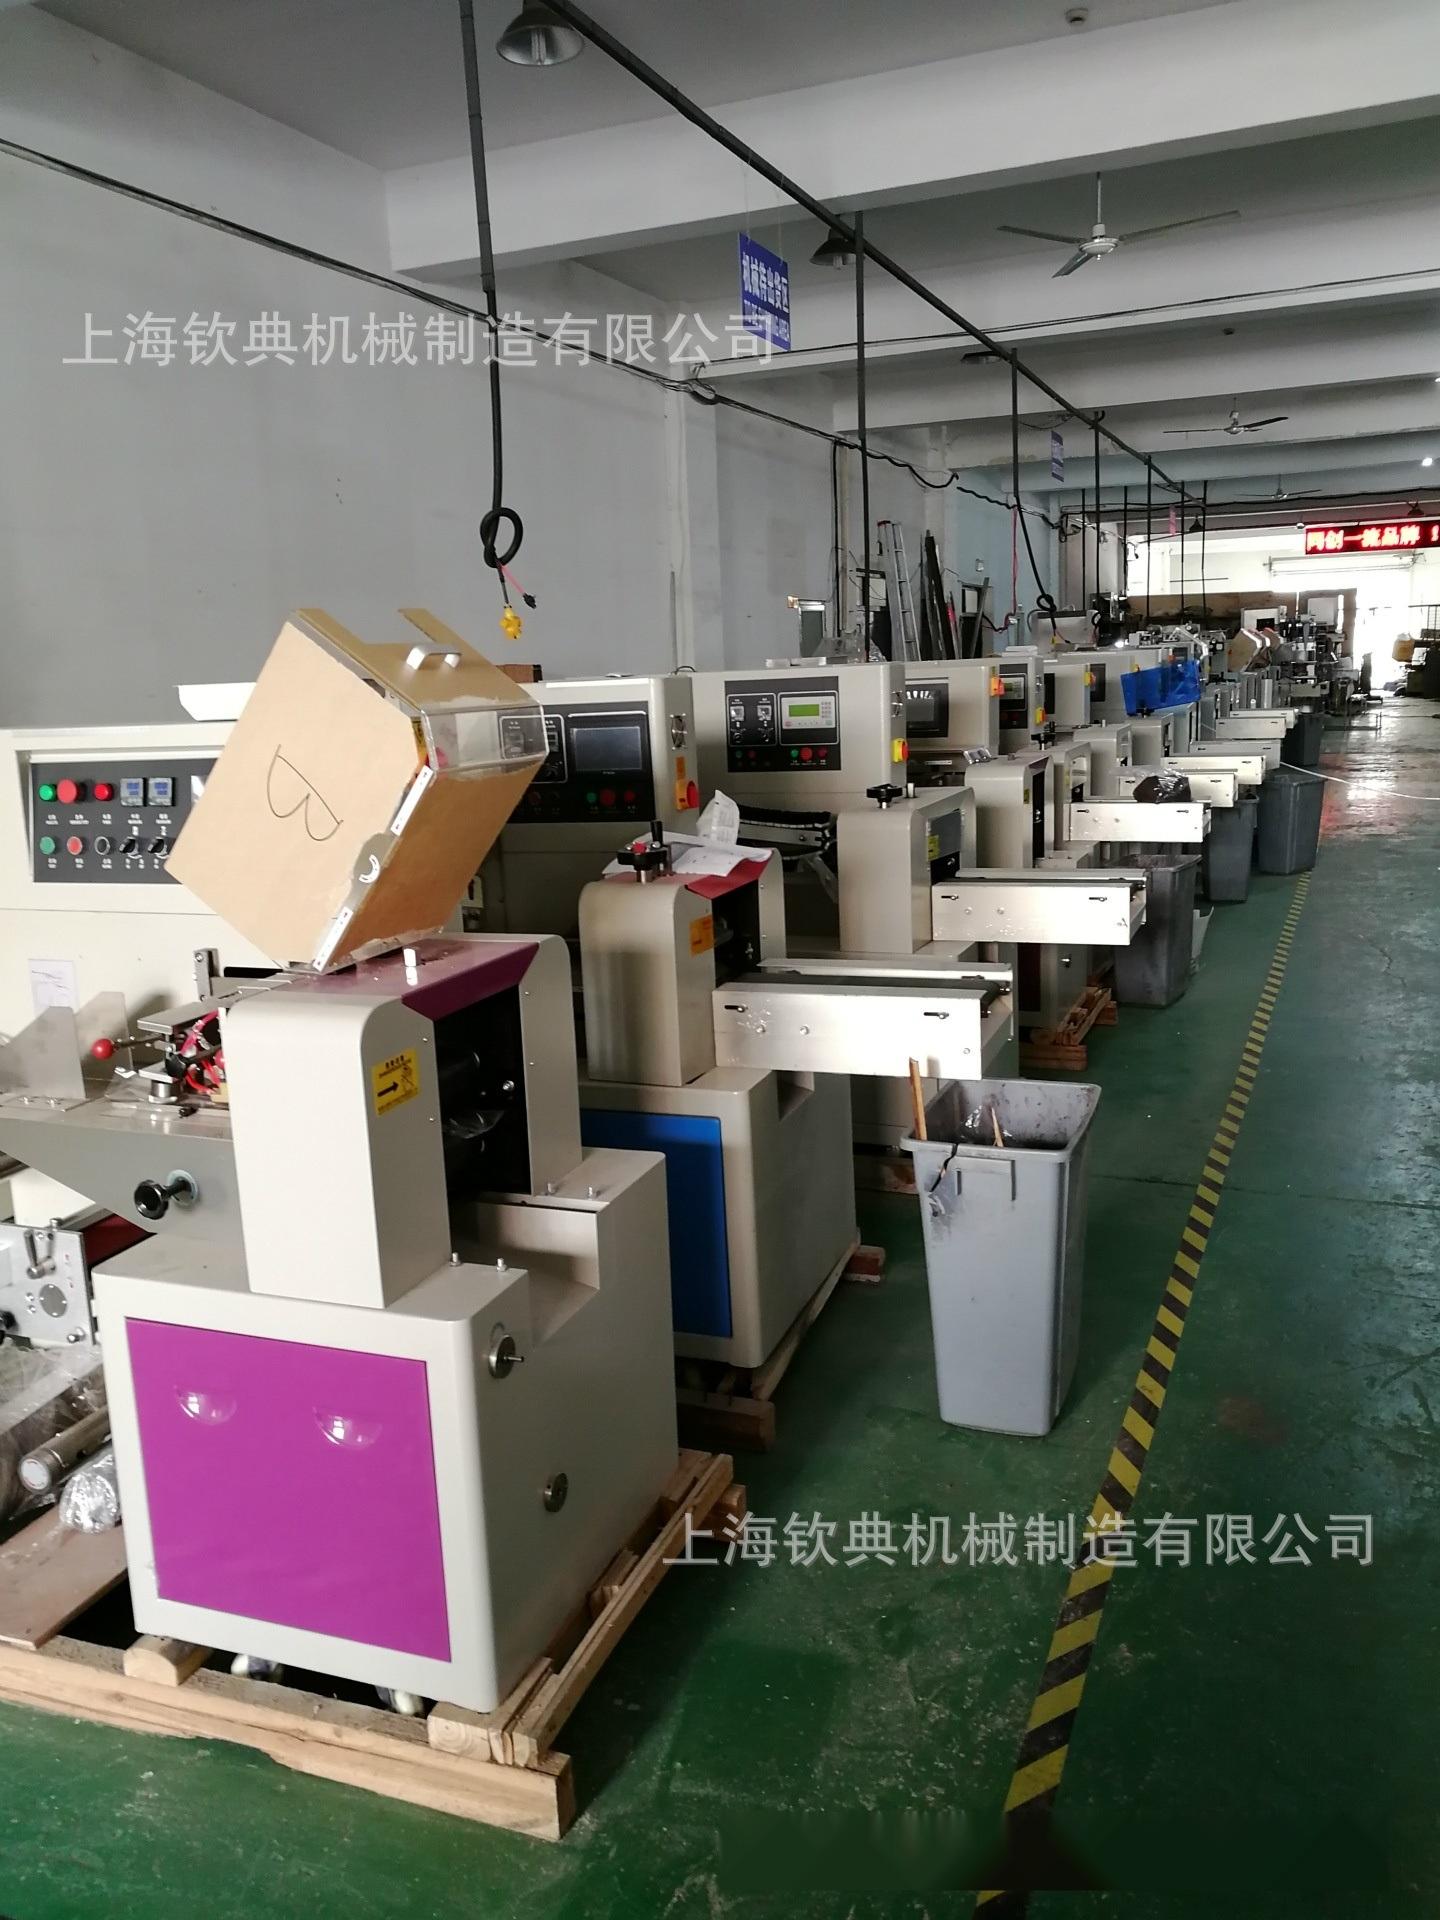 10包装暖  包装机 取暖贴包装机 发热贴 保暖贴自动包装机